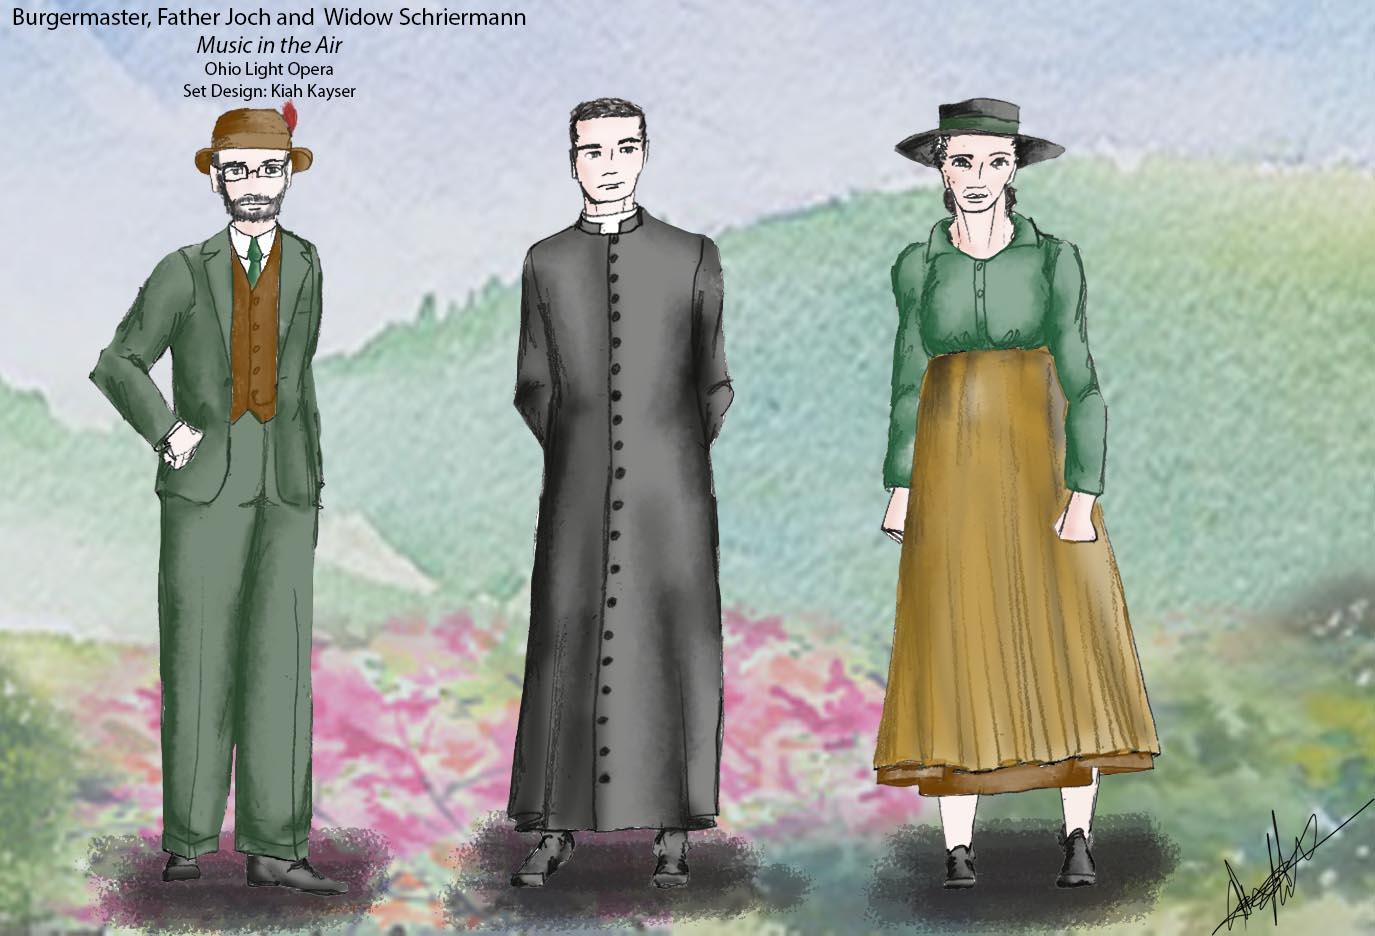 Burgomaster, Father Joch and Widow Schriermann.jpg